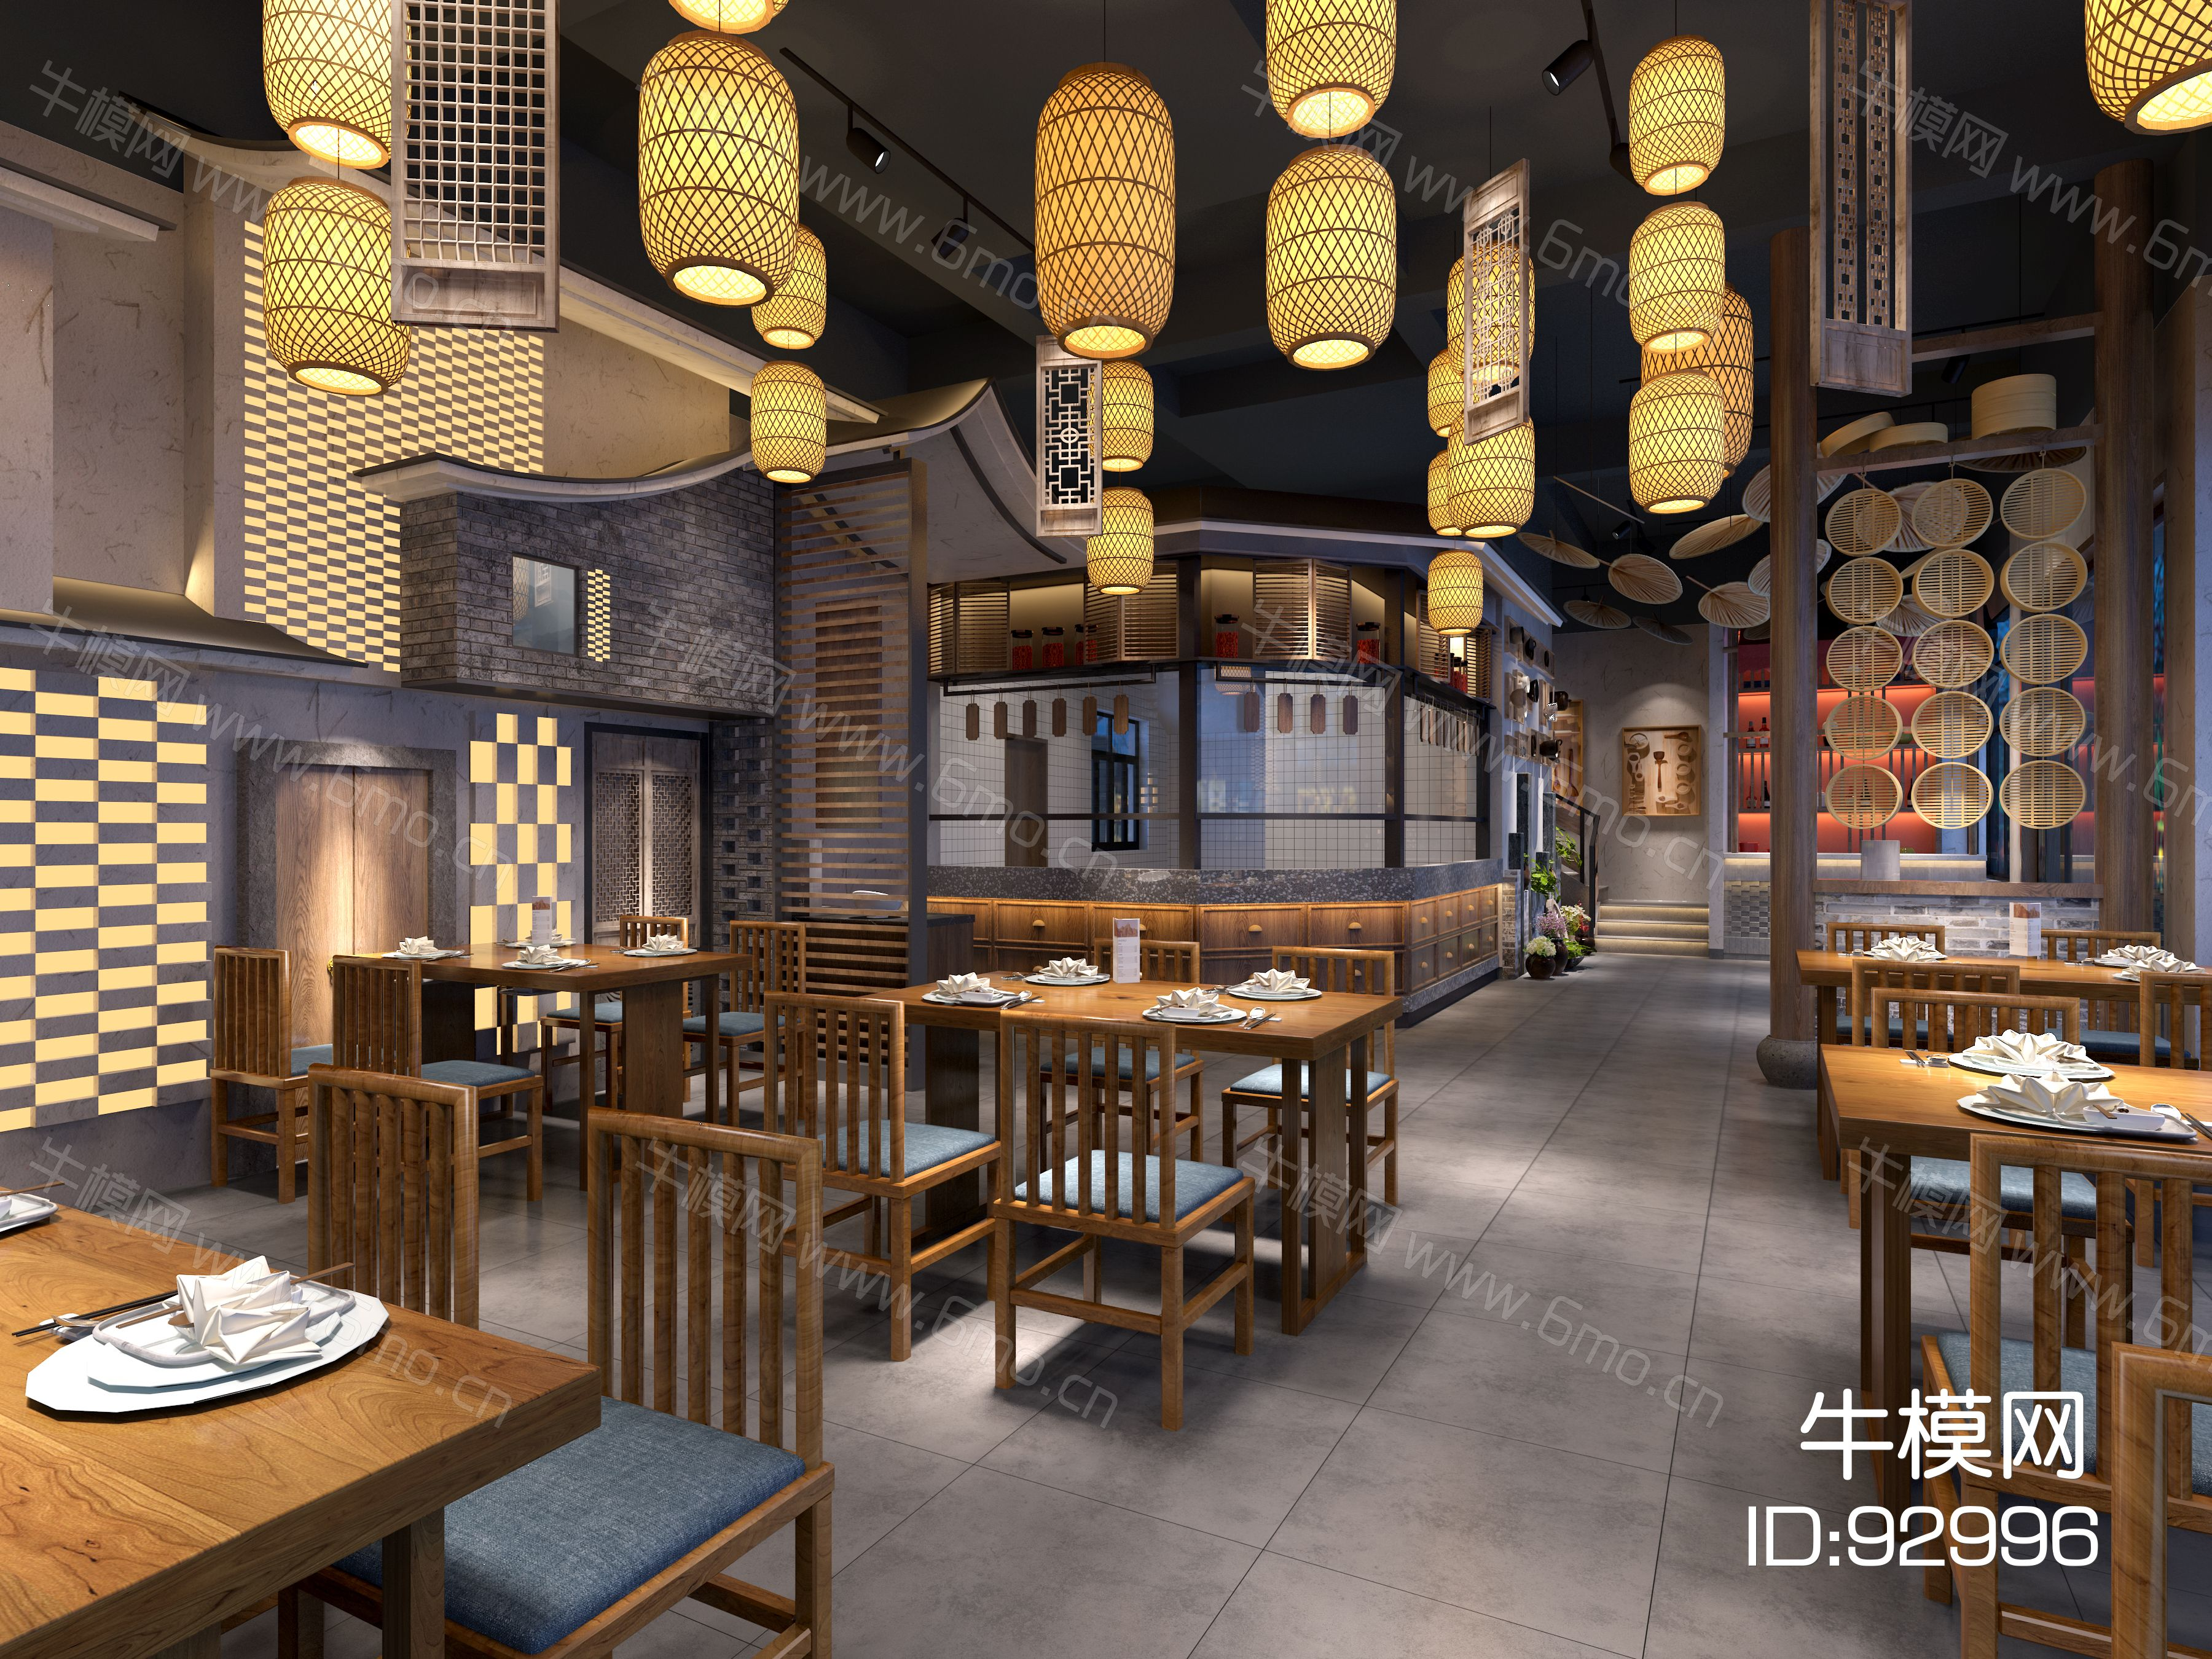 艾巴优-2020VIP学员投稿作品-中式餐厅